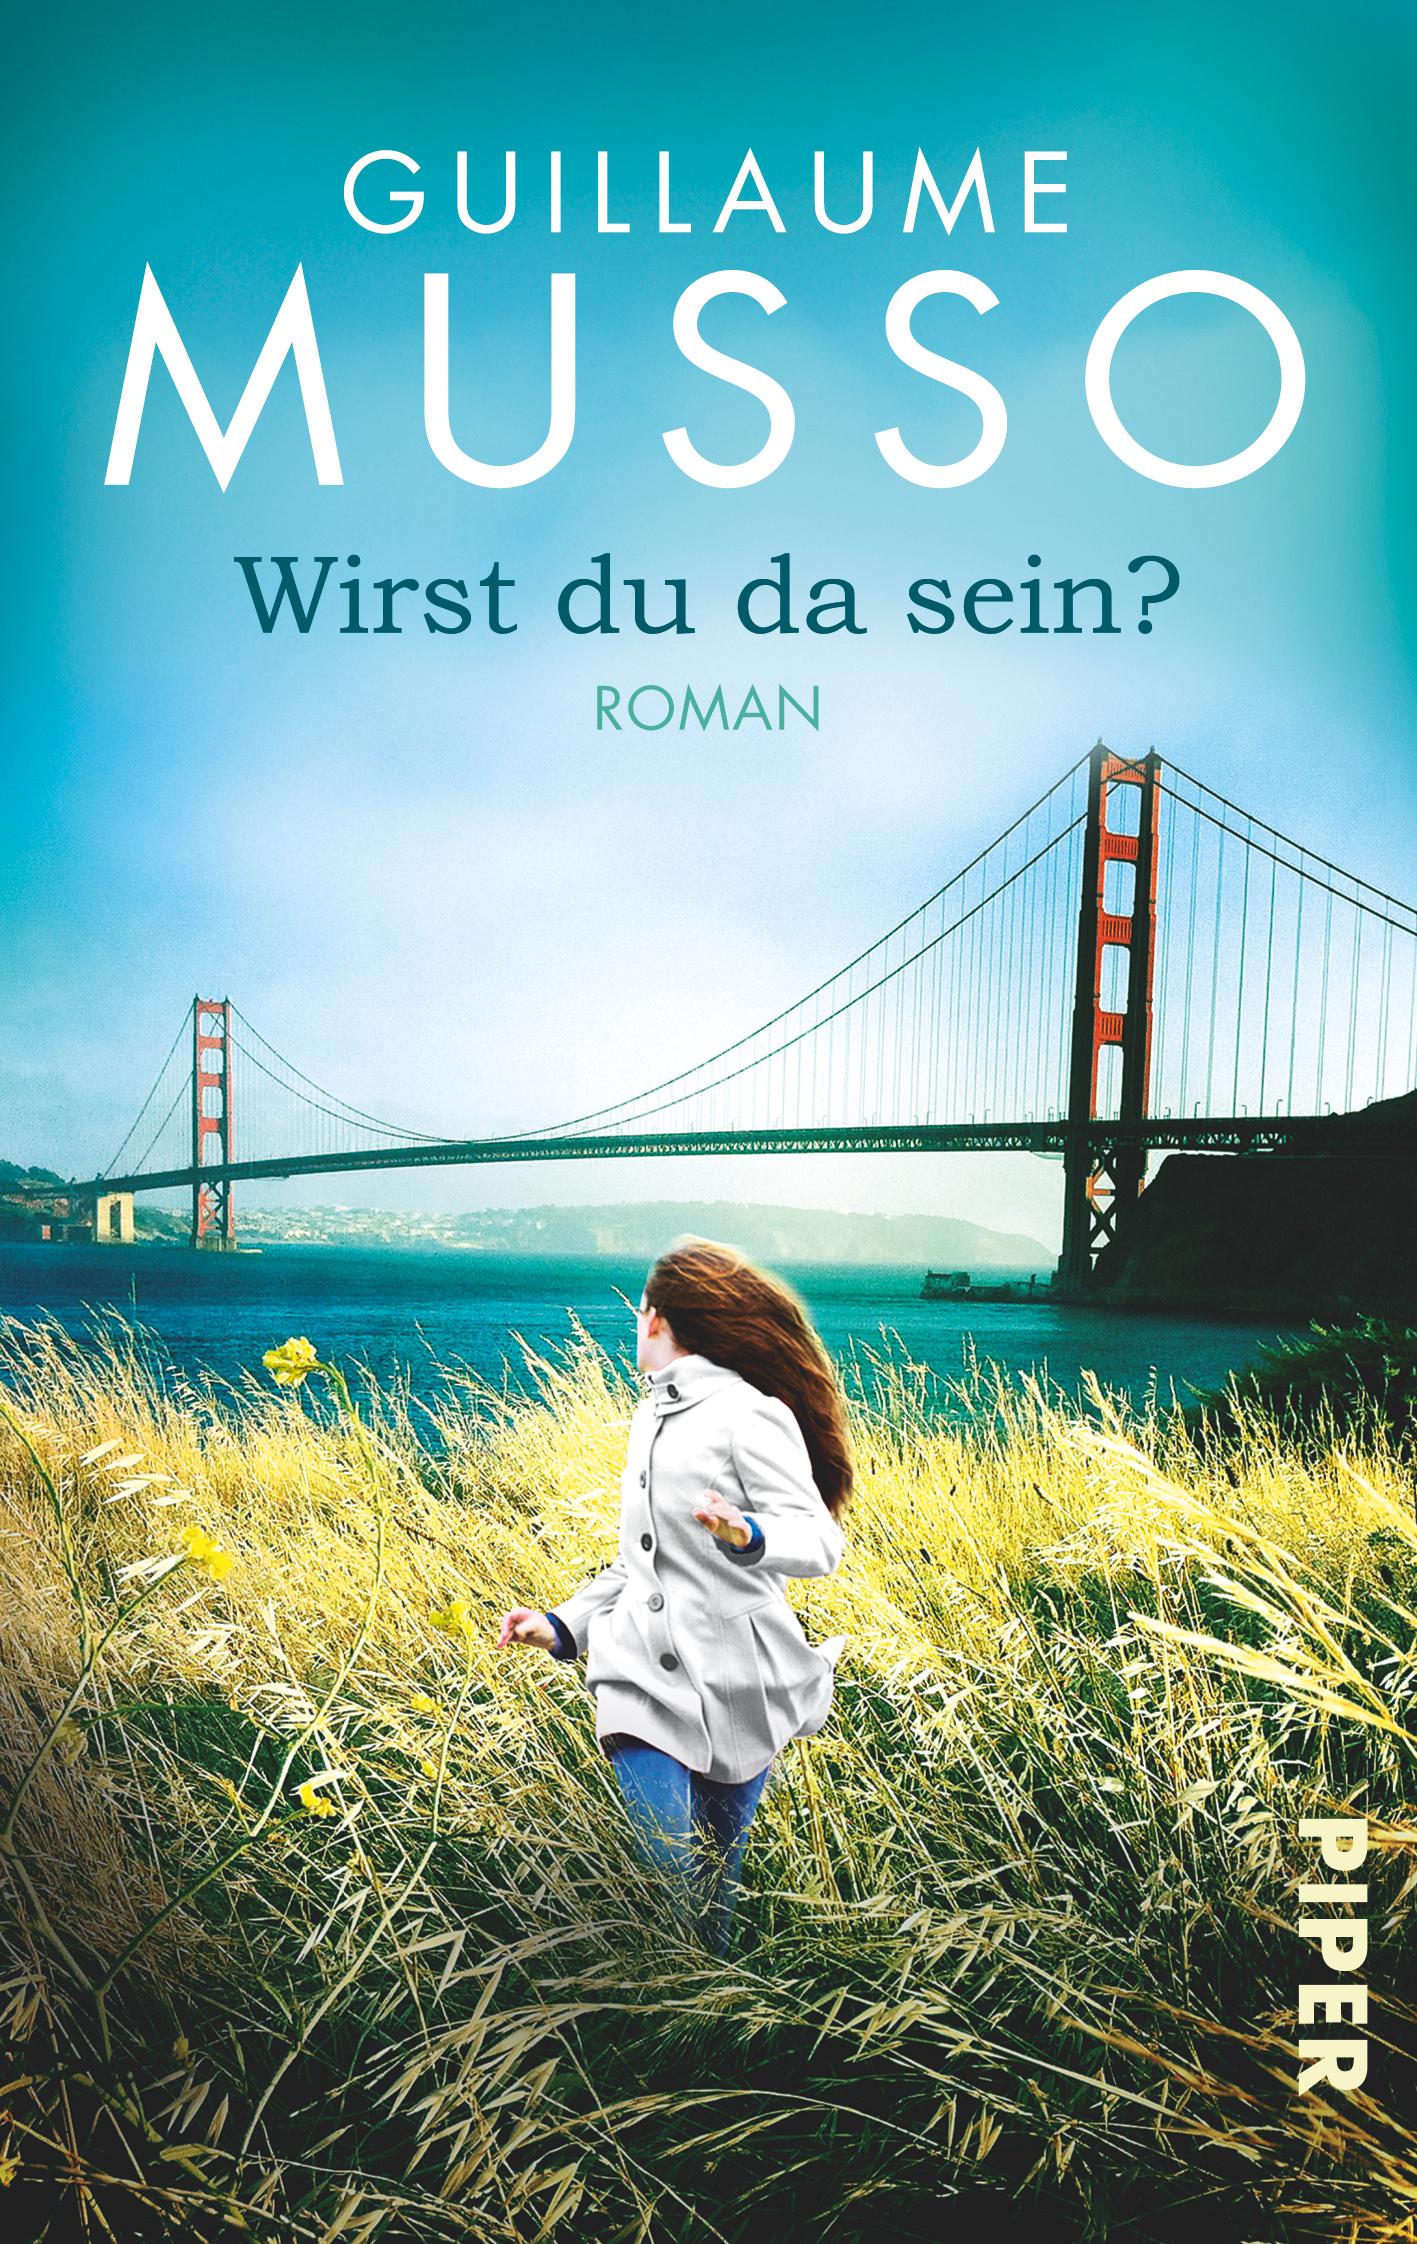 Wirst du da sein? - Guillaume Musso